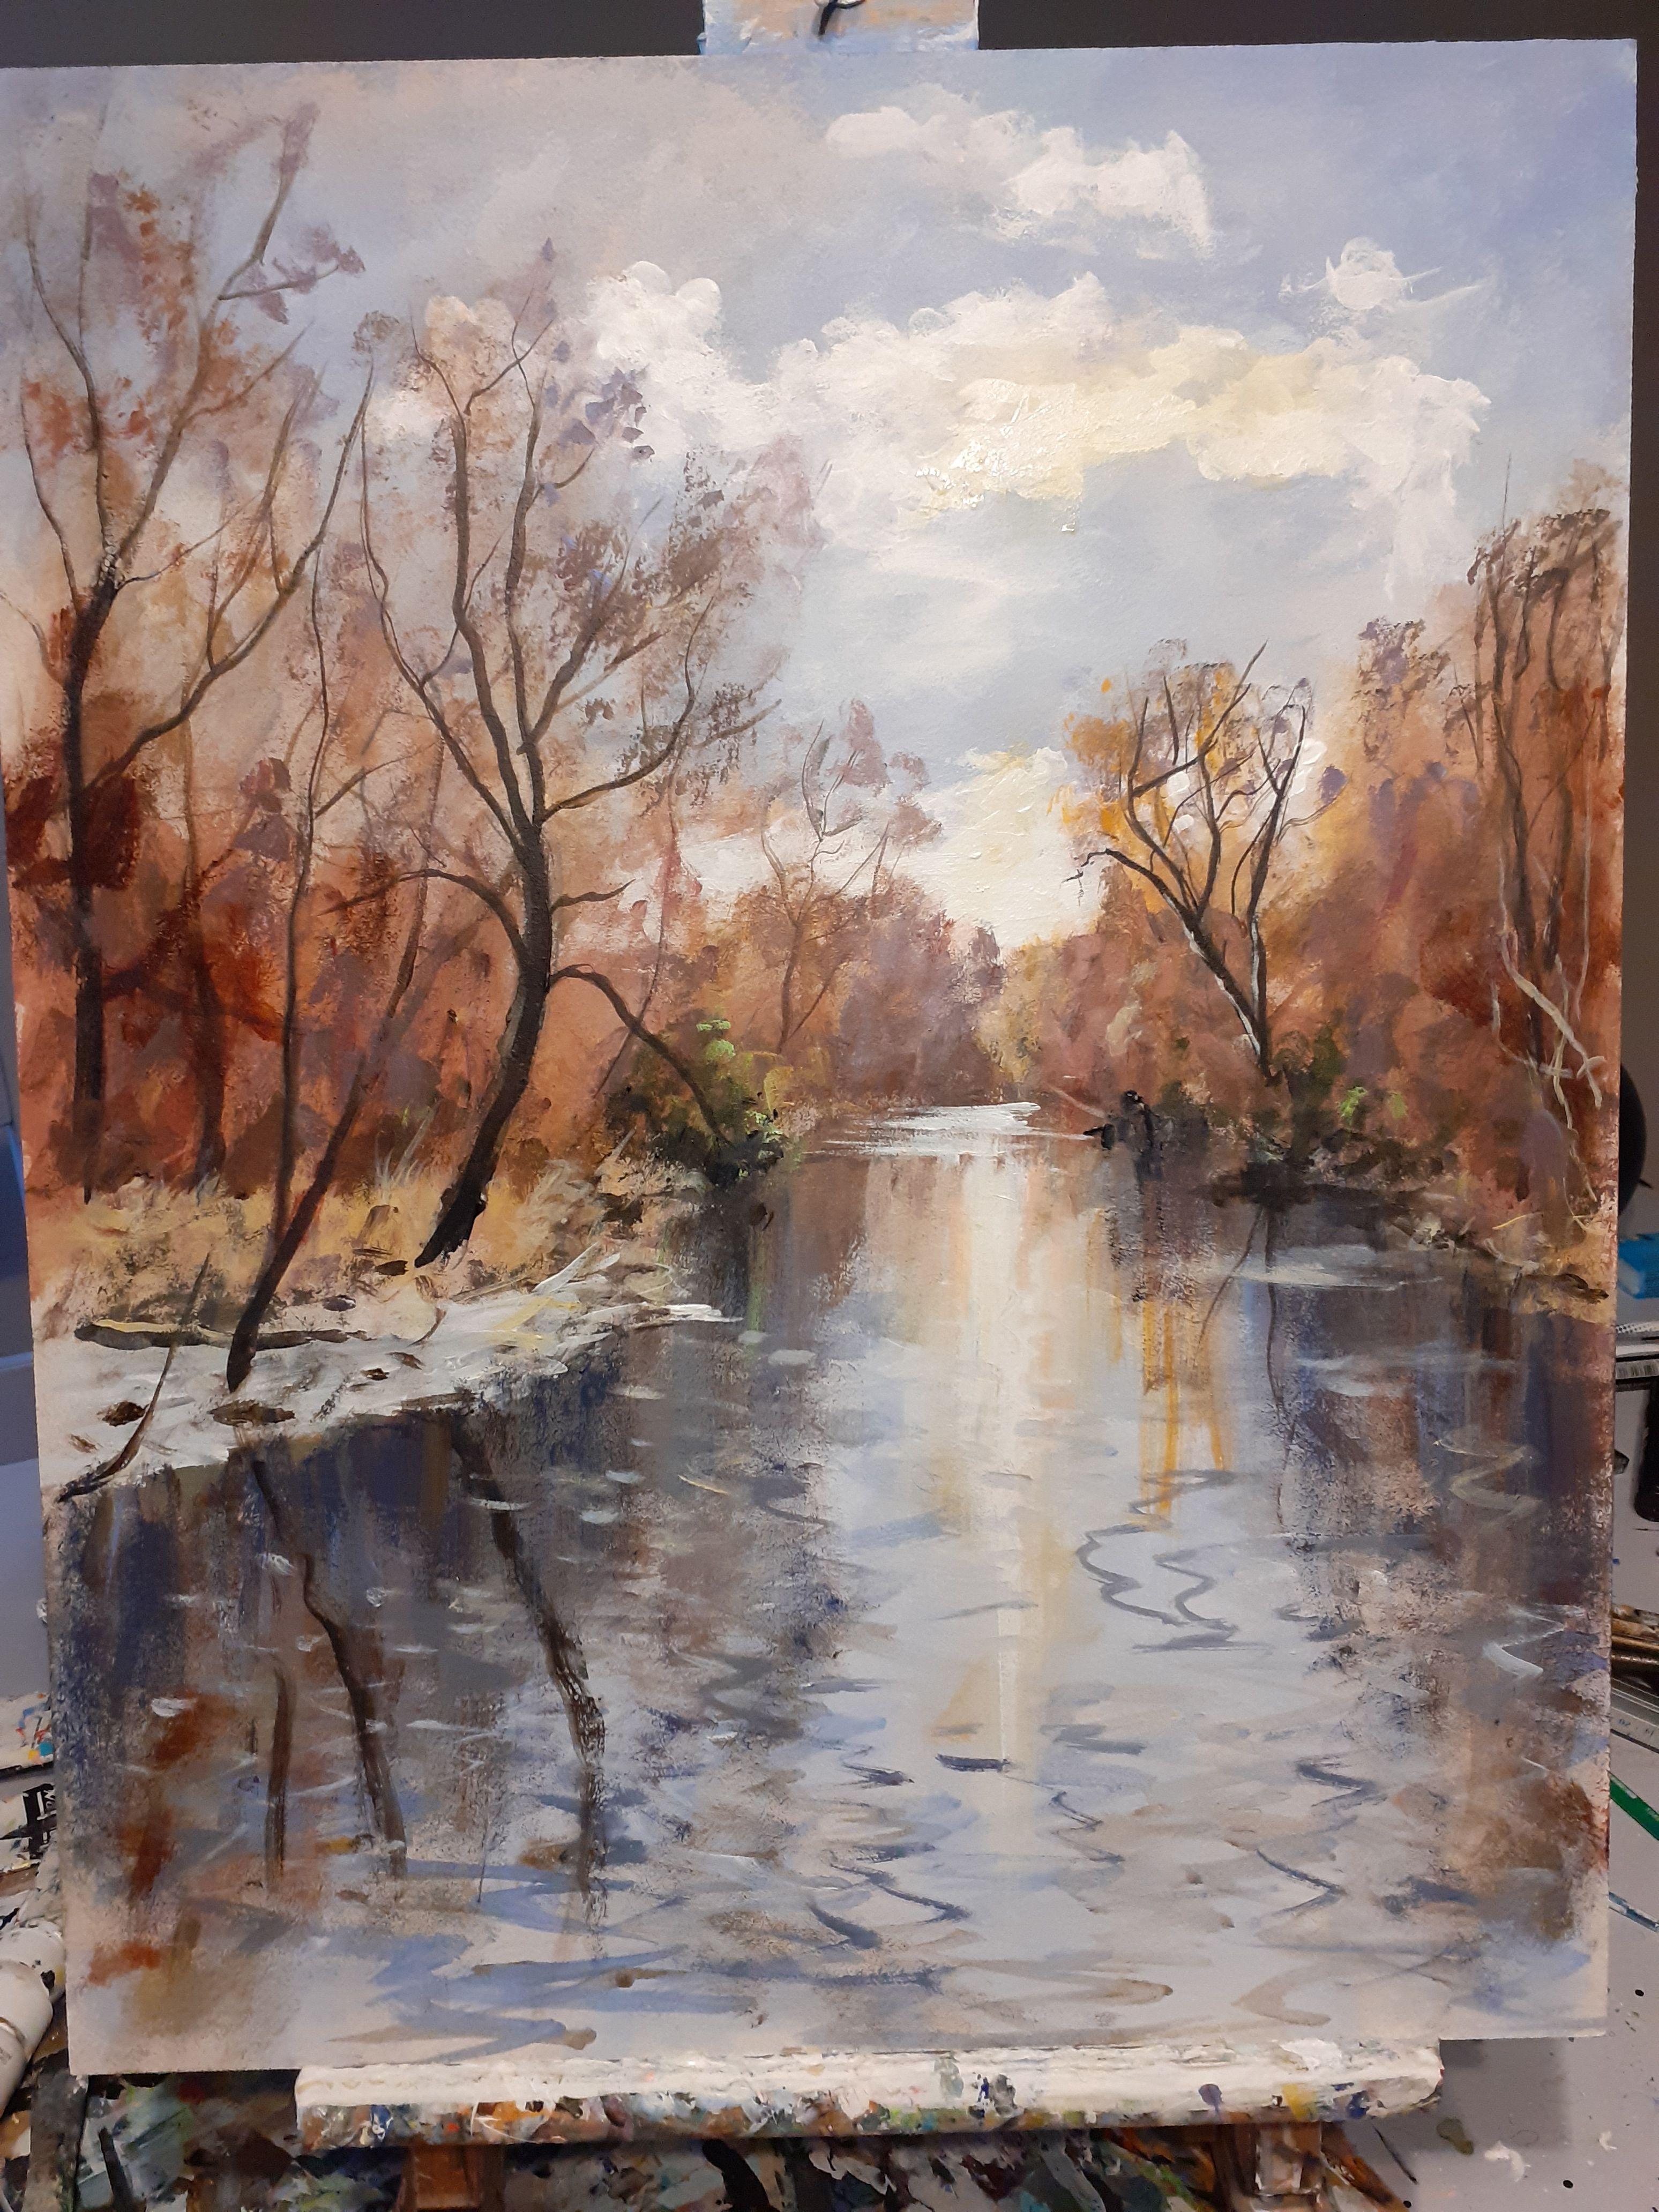 Epingle Sur Peinture Lallemand Yves